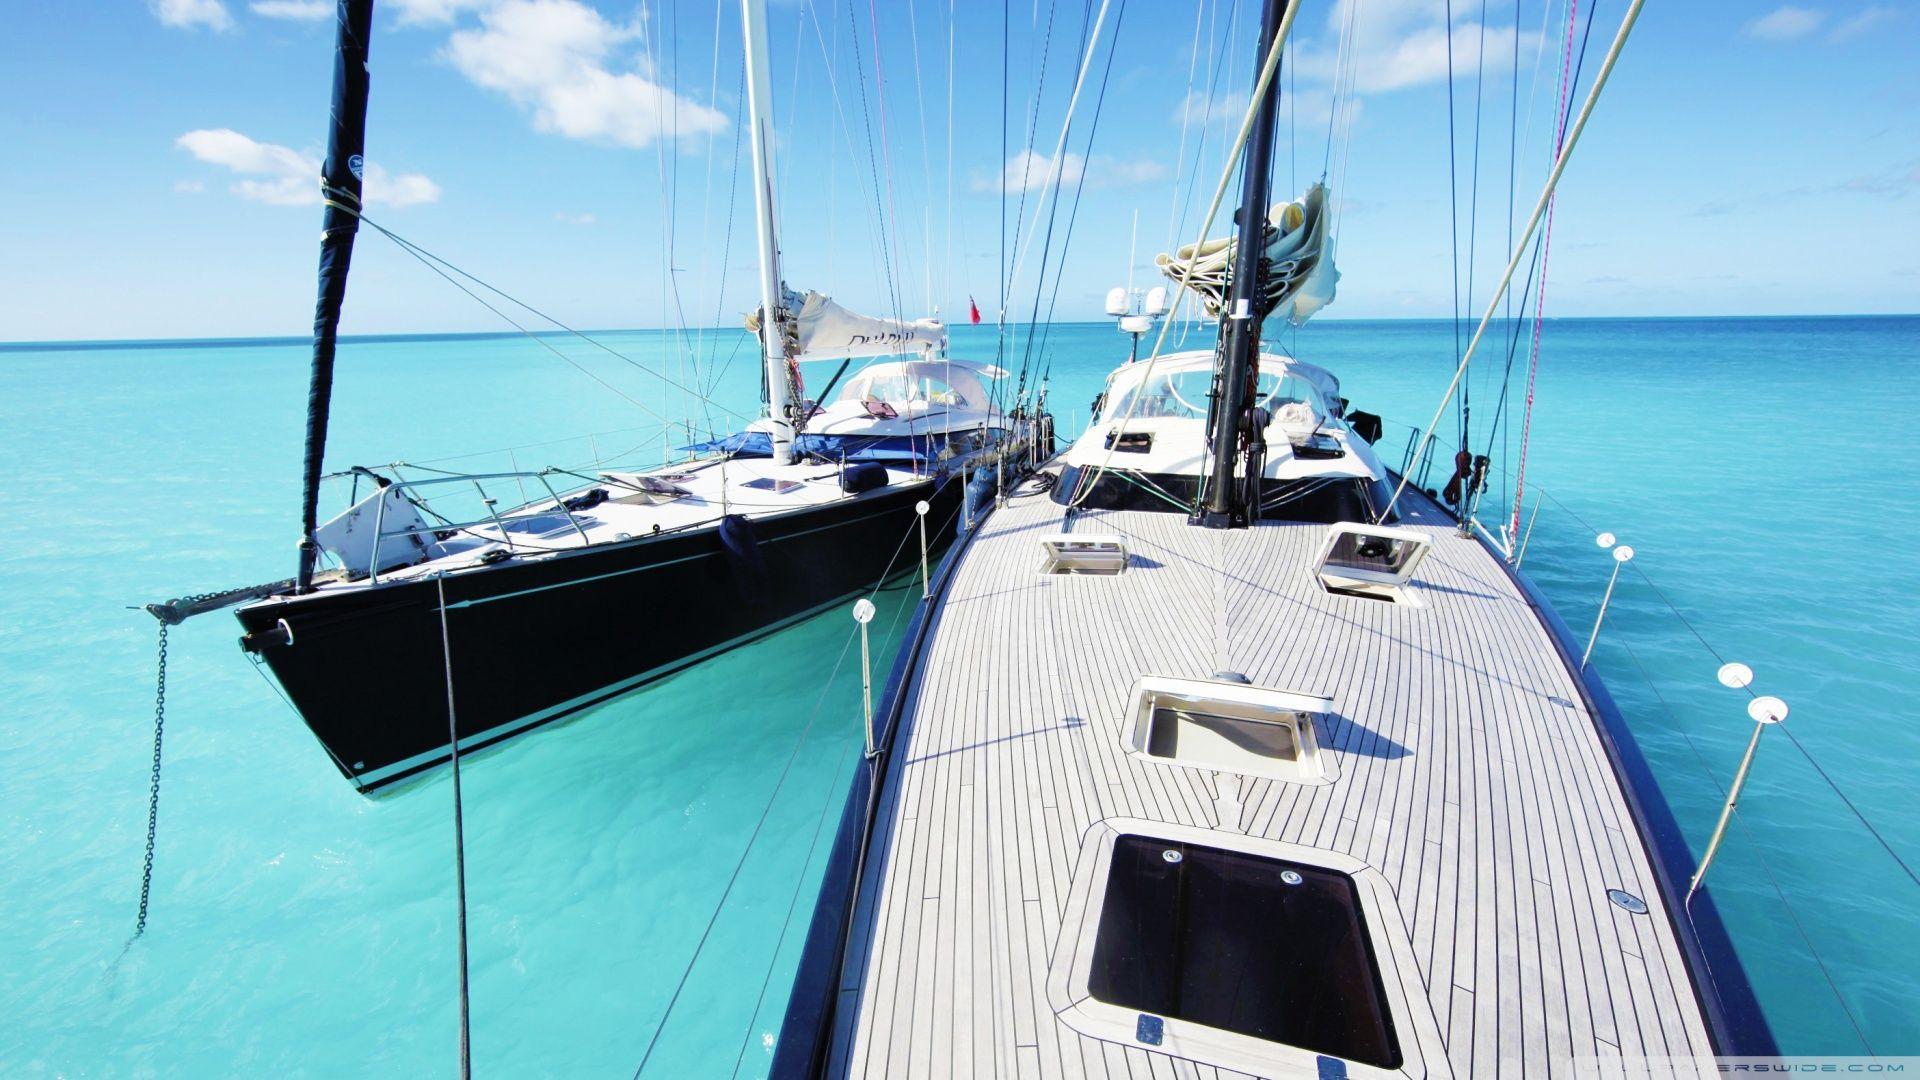 Download Sailing Yachts Hd Wallpaper Con Imagenes Barcos